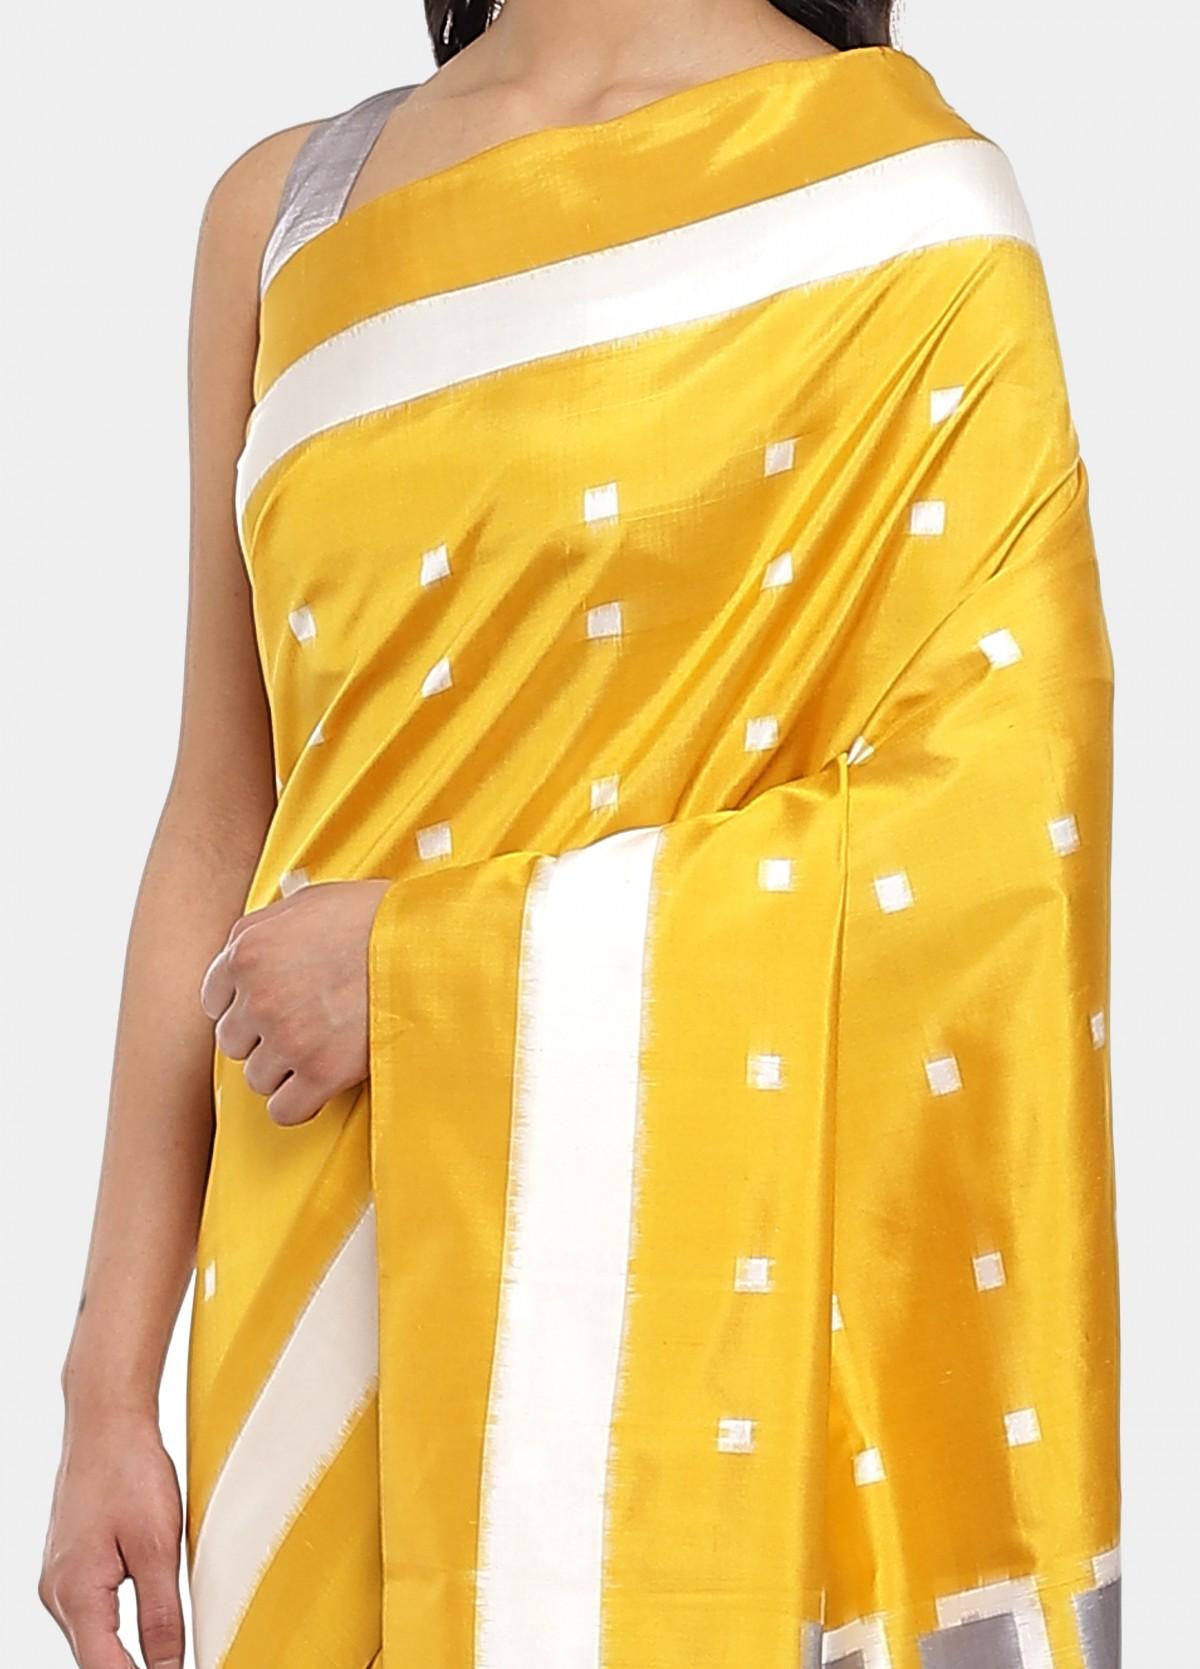 The Mithun Sari